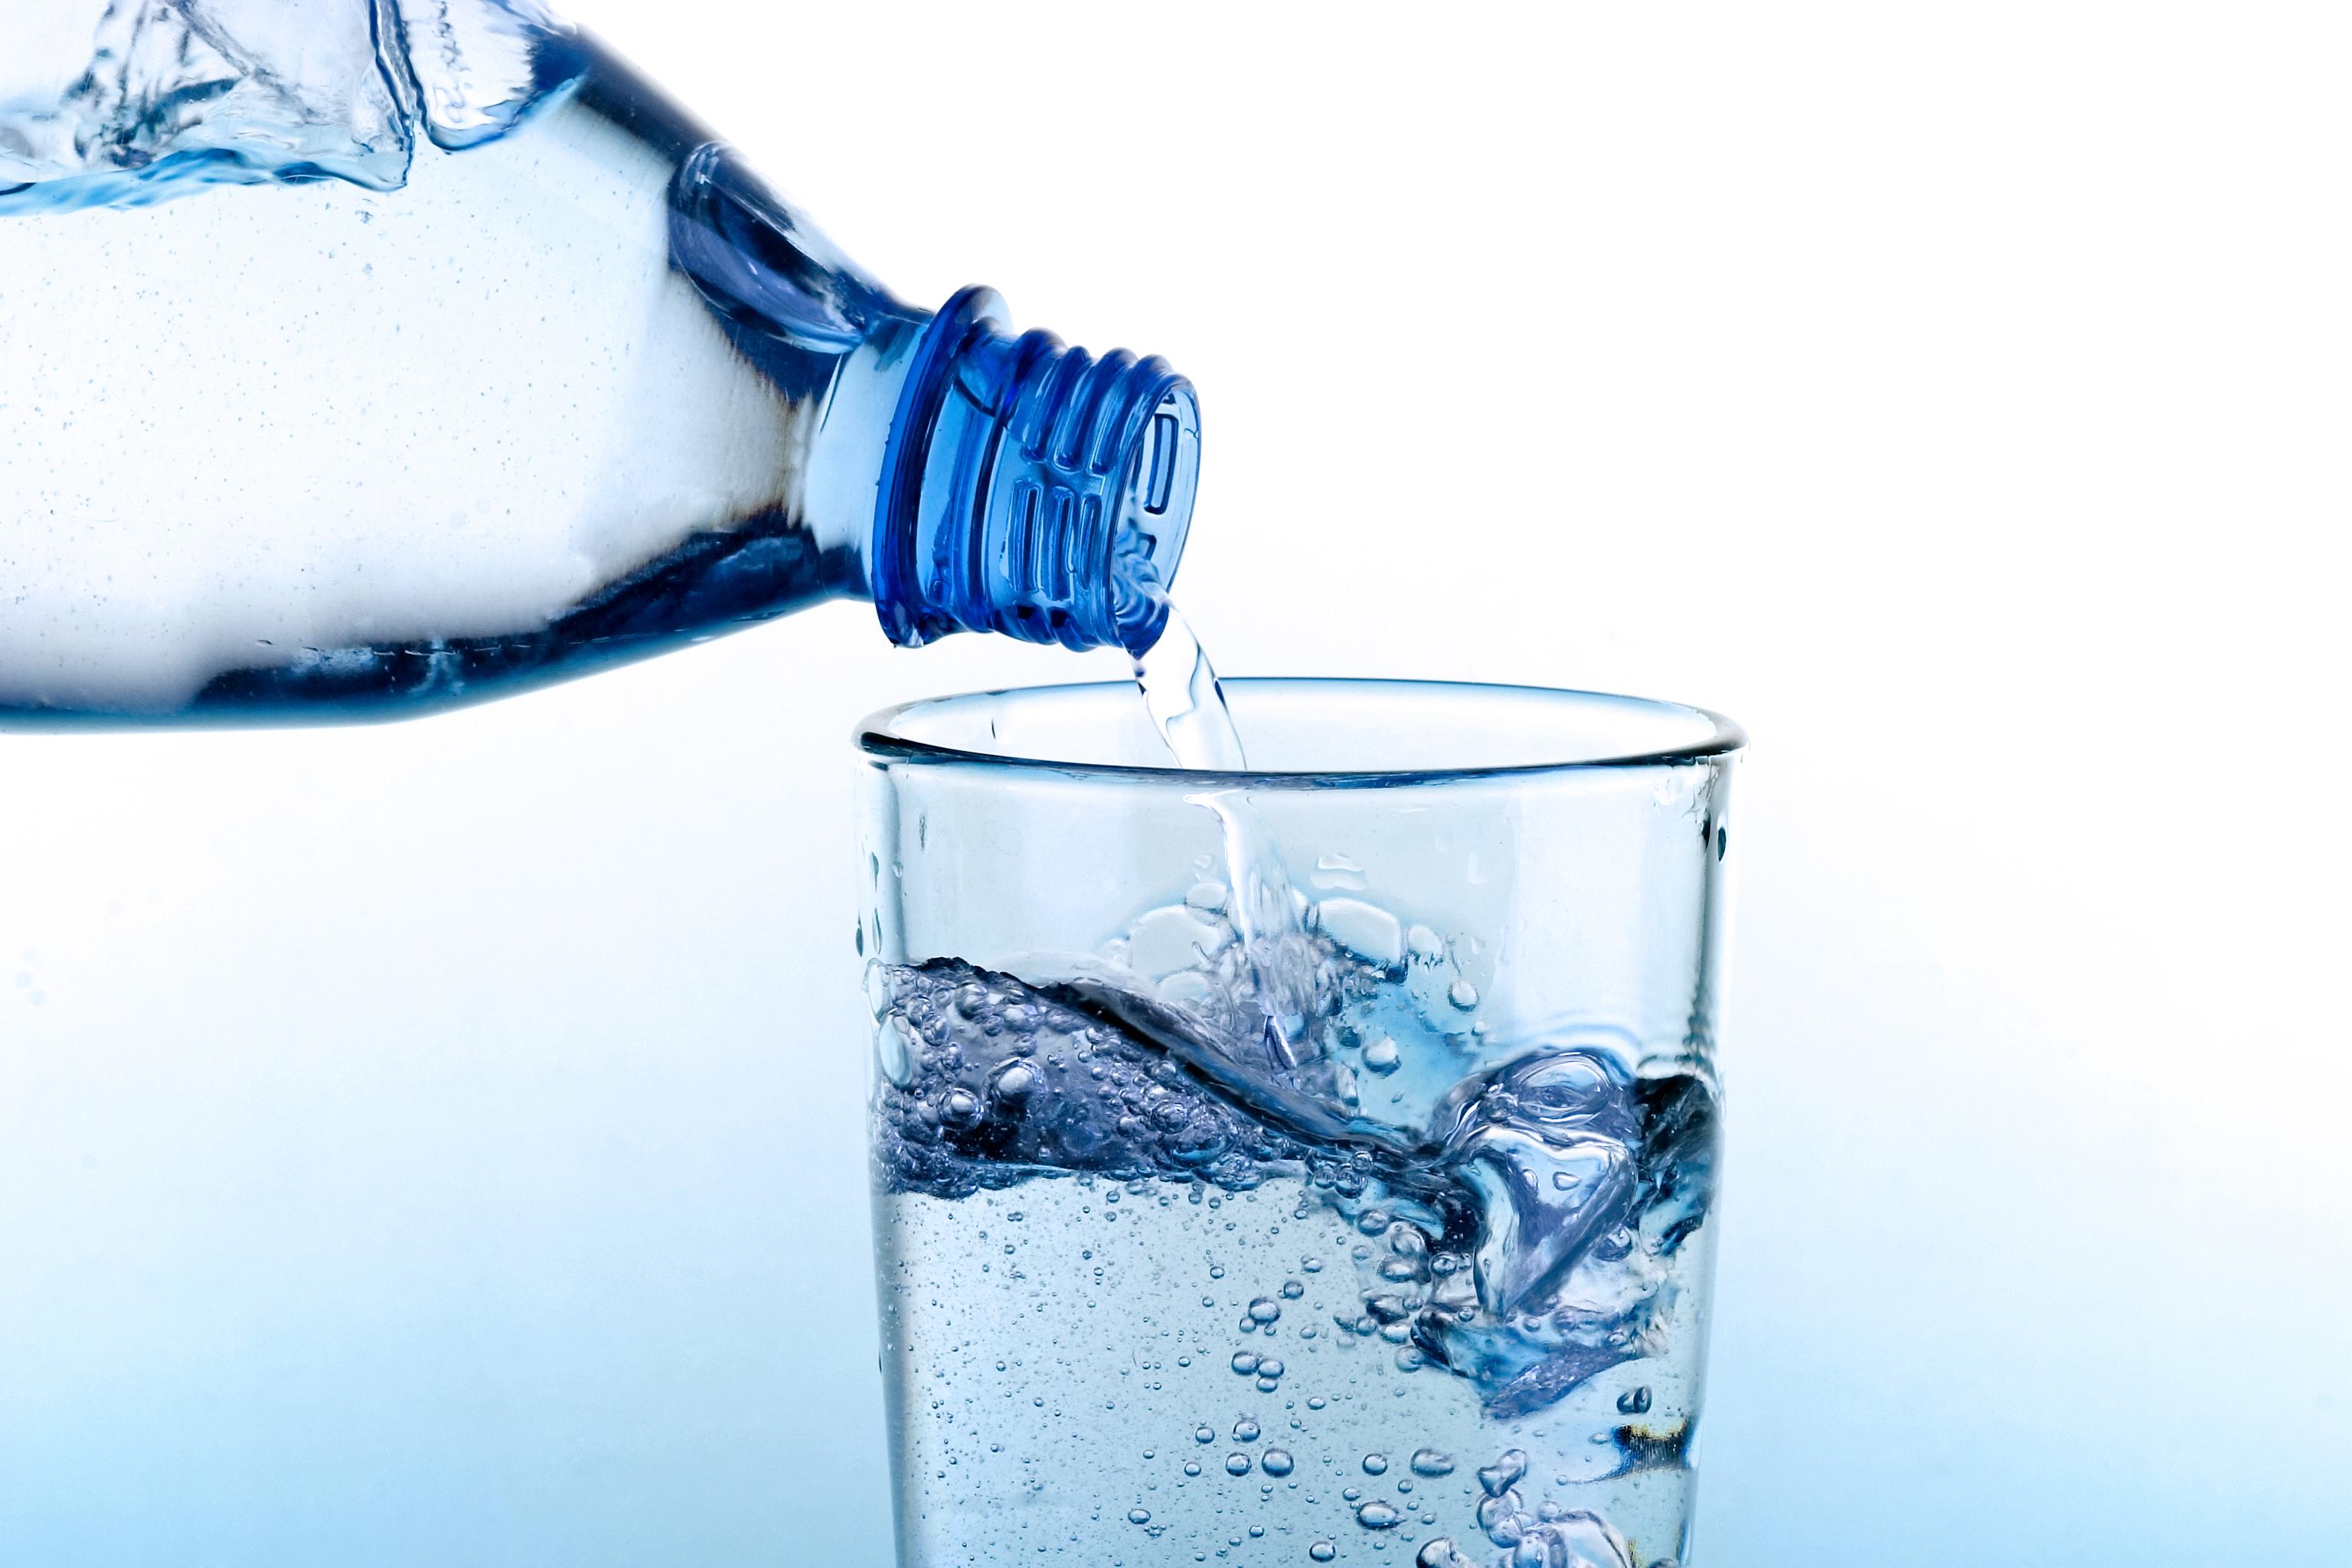 <p>13. Швейцария<br /> Швейцария не е страна, известна с ниските си цени, но е хубаво да знаете, че само с 1 долар няма да умрете от жажда, докато сте там. Можете да си купите 1,5 литра вода и все още да имате малко дребни.</p>